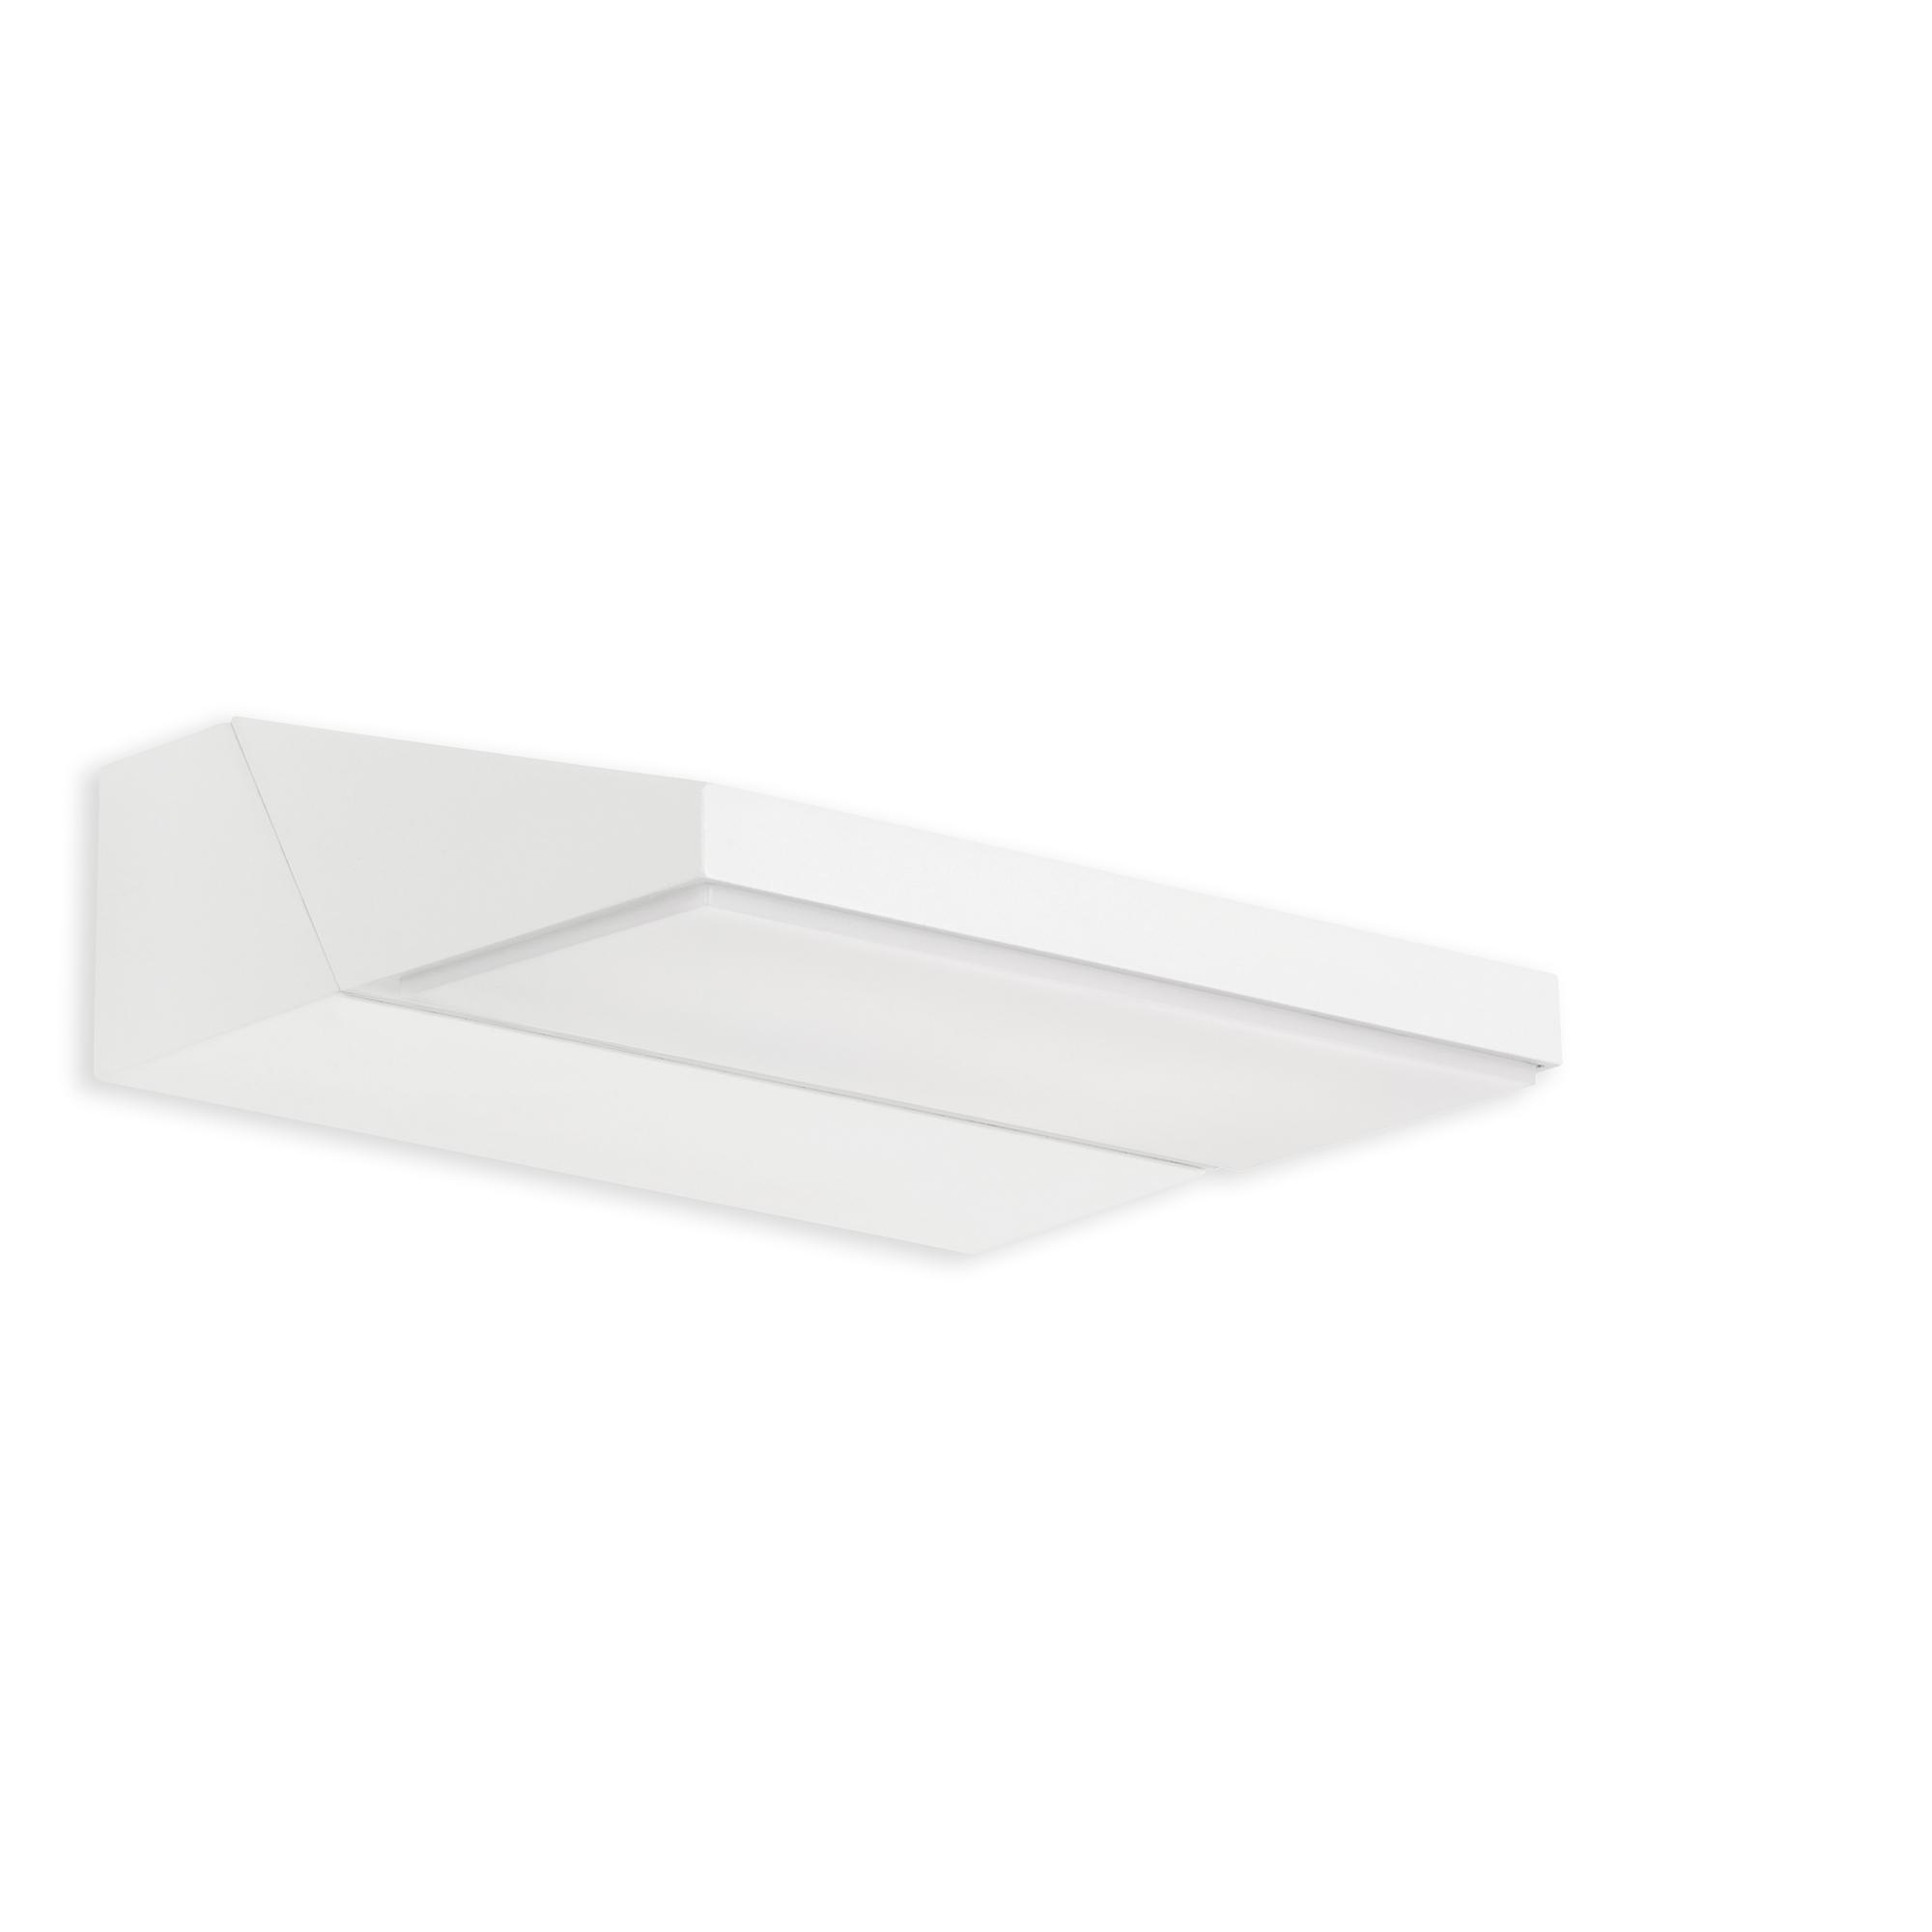 TELEFUNKEN LED Außenwandleuchte, 17,2 cm, 10 W, Weiß